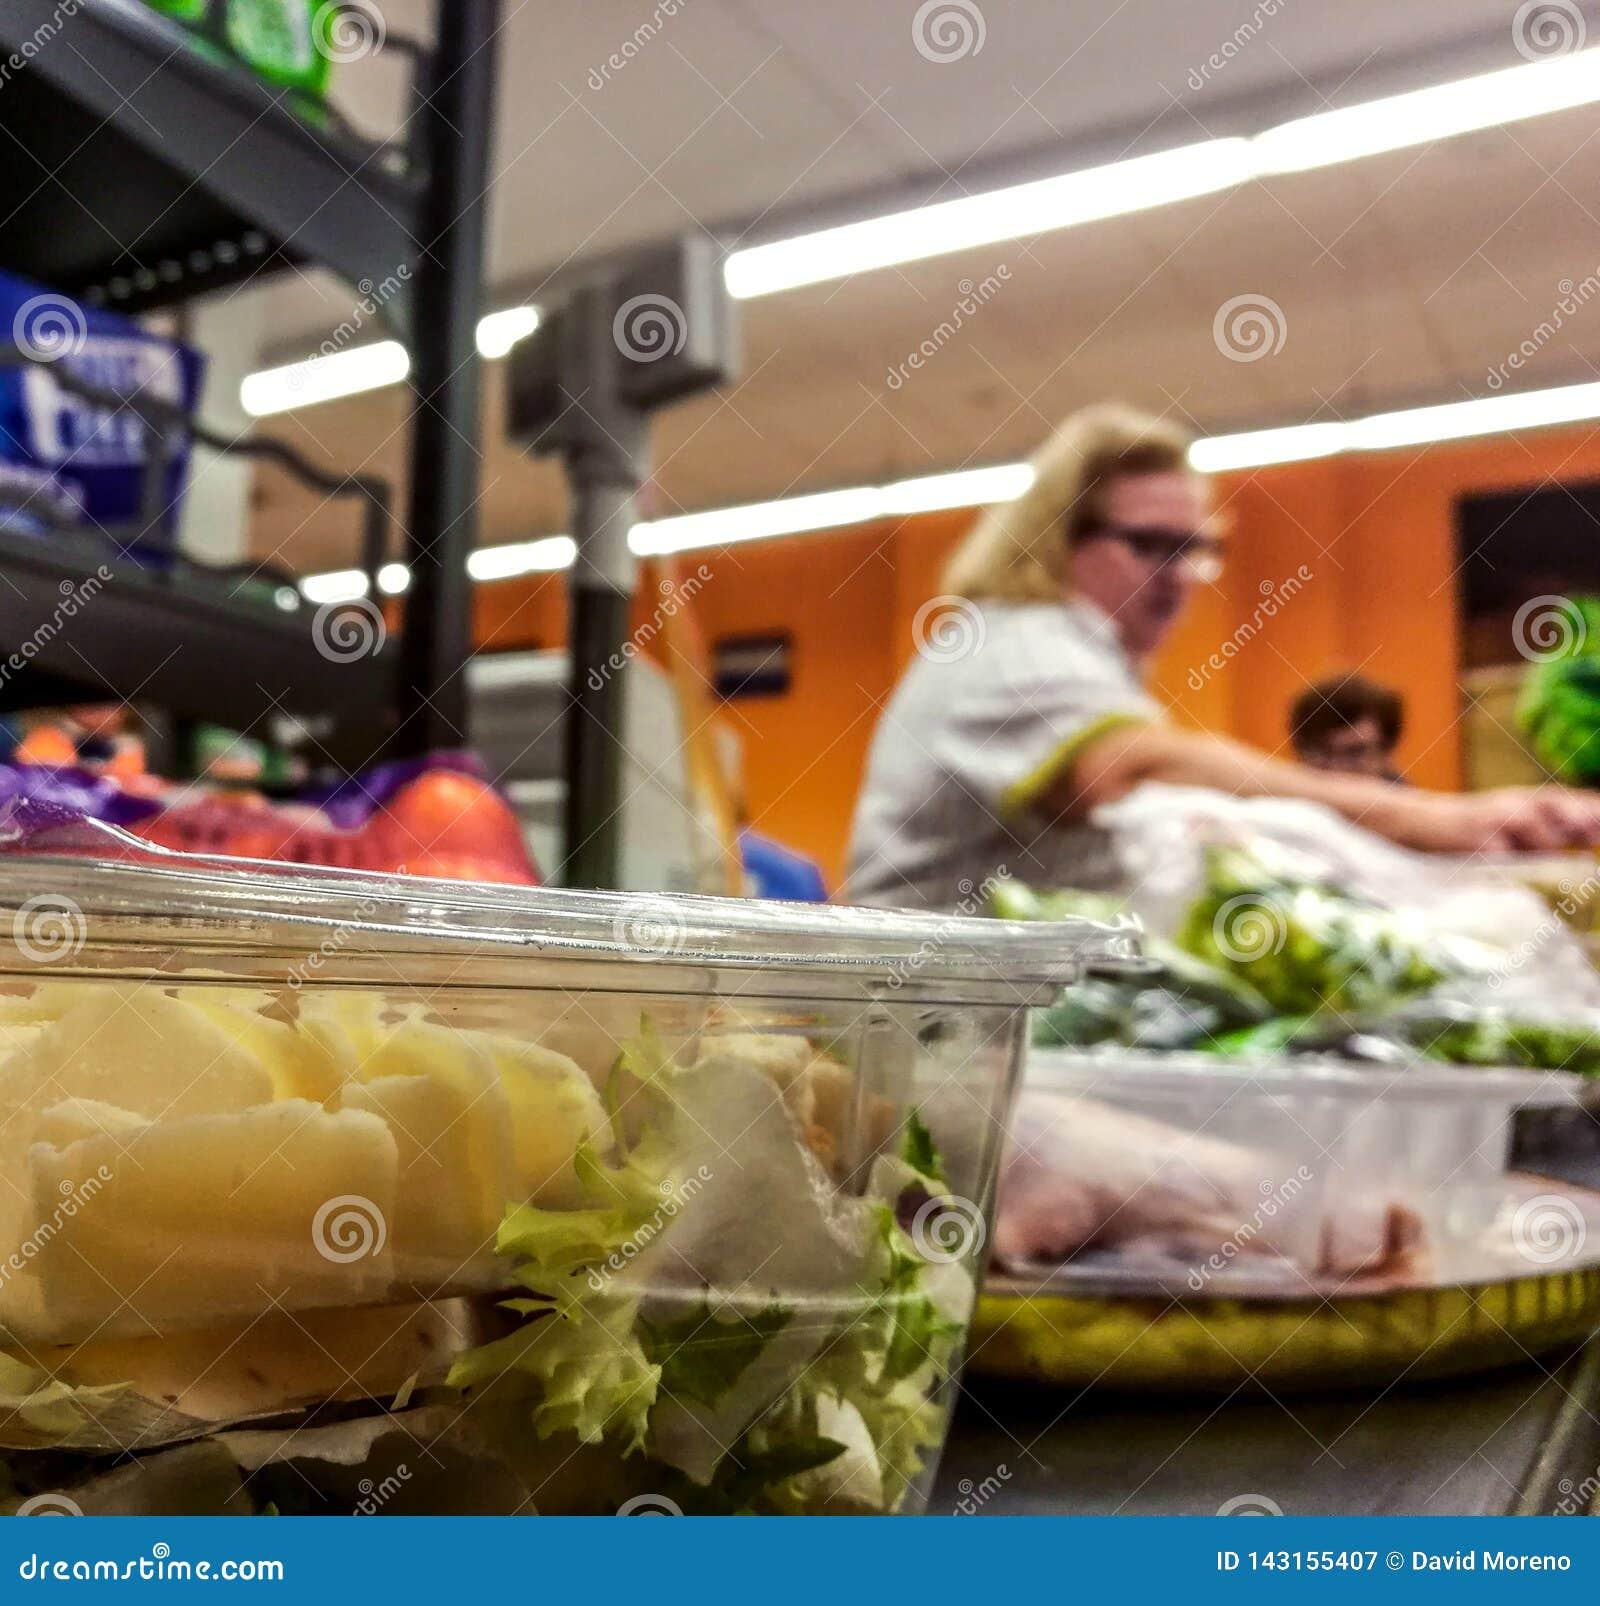 Comprador que paga productos en el pago y envío Comidas en la banda transportadora en el supermercado